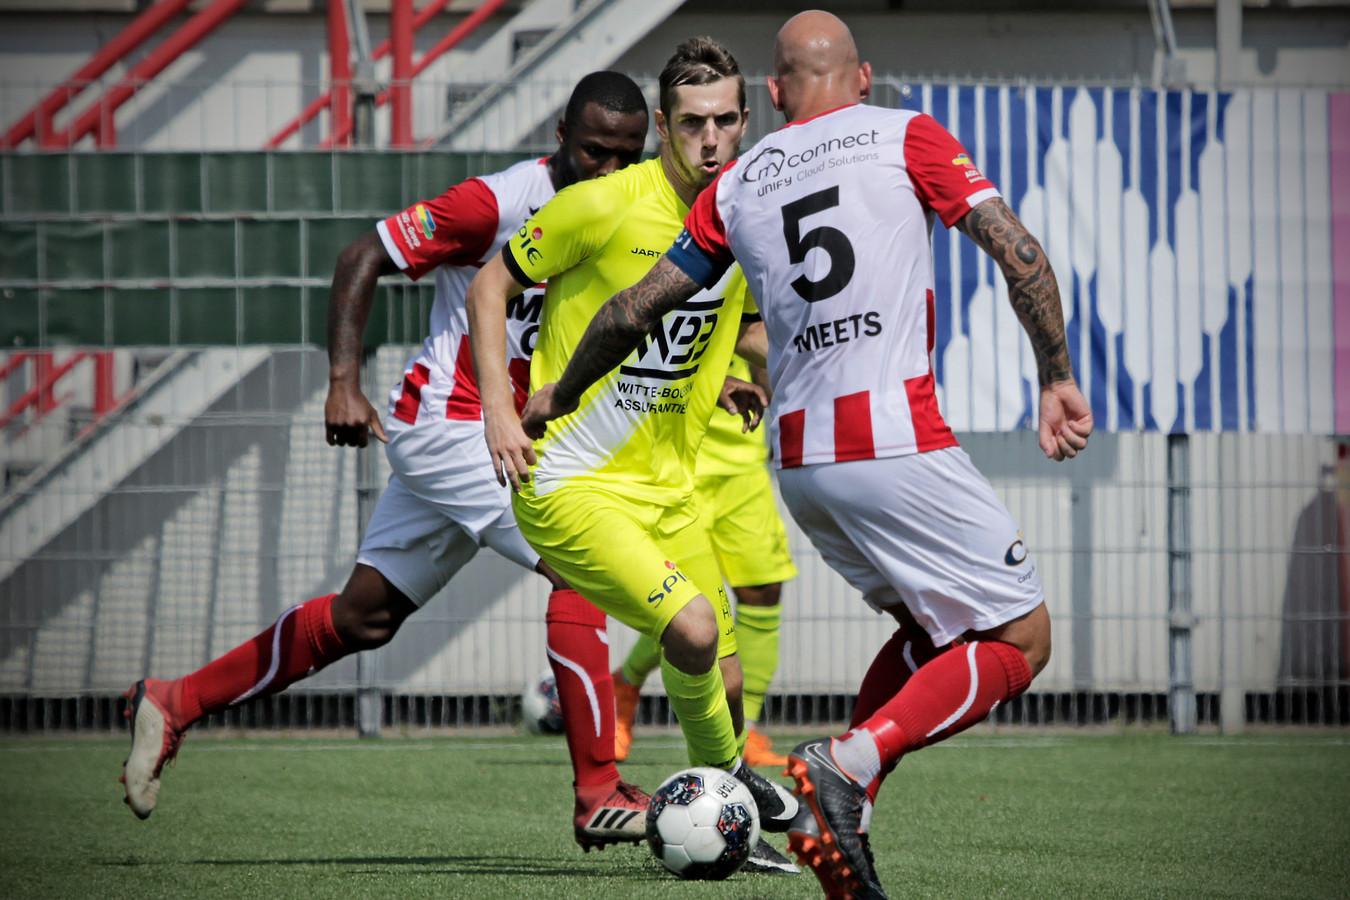 Bryan Smeets (rechts) op archiefbeeld tijdens de wedstrijd tegen HSV Hoek